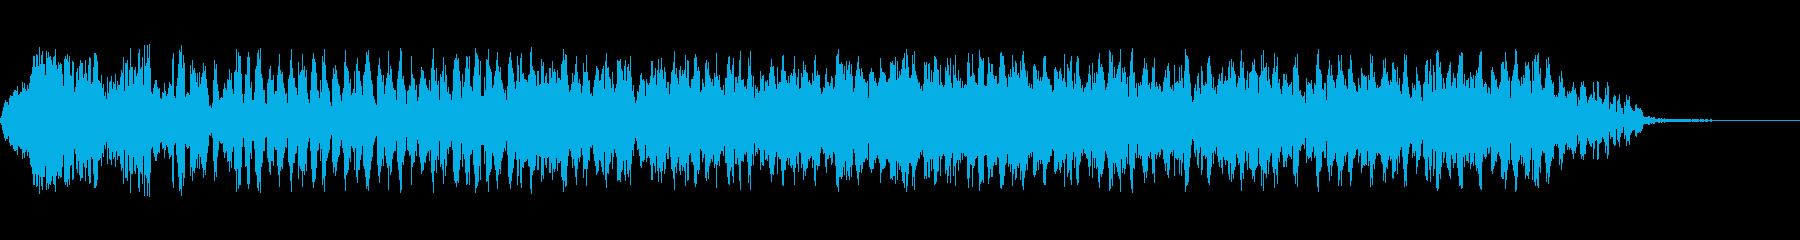 ドラム解散、トリブル1の再生済みの波形